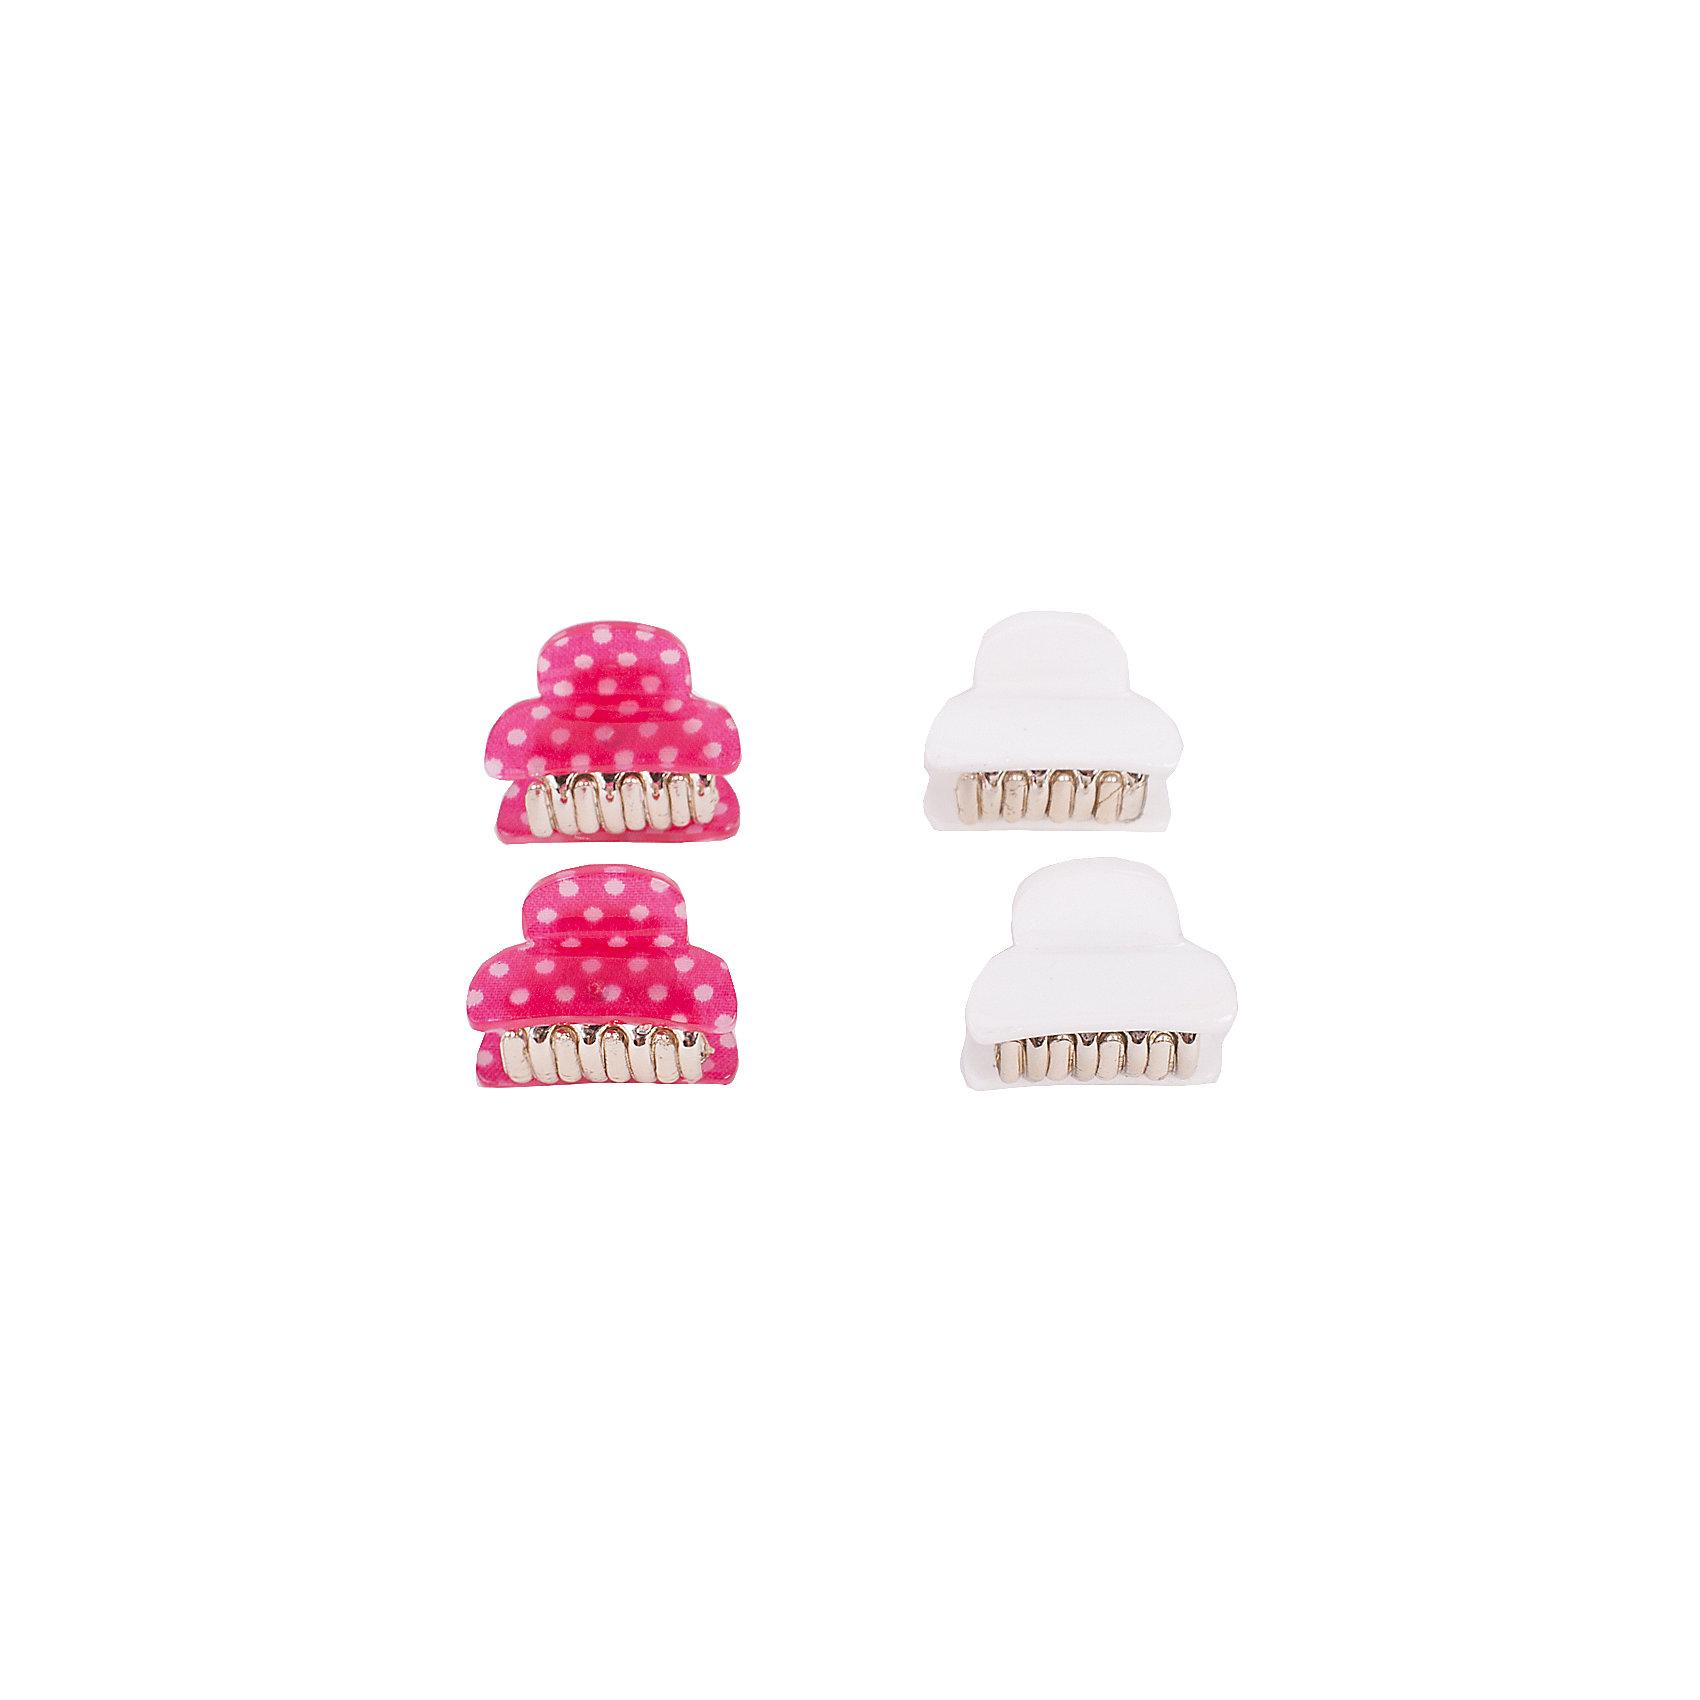 Комплект заколок, 4 шт. Button Blue для девочкиАксессуары<br>Характеристики товара:<br><br>• цвет: белый/розовый;<br>• материал: акрил;<br>• в комплекте: 2 заколки-крабик;<br>• 2 розовый в горох, 2 белых;<br>• страна бренда: Россия;<br>• страна изготовитель: Китай.<br><br>Комплект заколок-крабиков, 2 шт. Button Blue (Баттон Блю) можно купить в нашем интернет-магазине.<br><br>Ширина мм: 170<br>Глубина мм: 157<br>Высота мм: 67<br>Вес г: 117<br>Цвет: голубой<br>Возраст от месяцев: 60<br>Возраст до месяцев: 168<br>Пол: Женский<br>Возраст: Детский<br>Размер: one size<br>SKU: 7039760